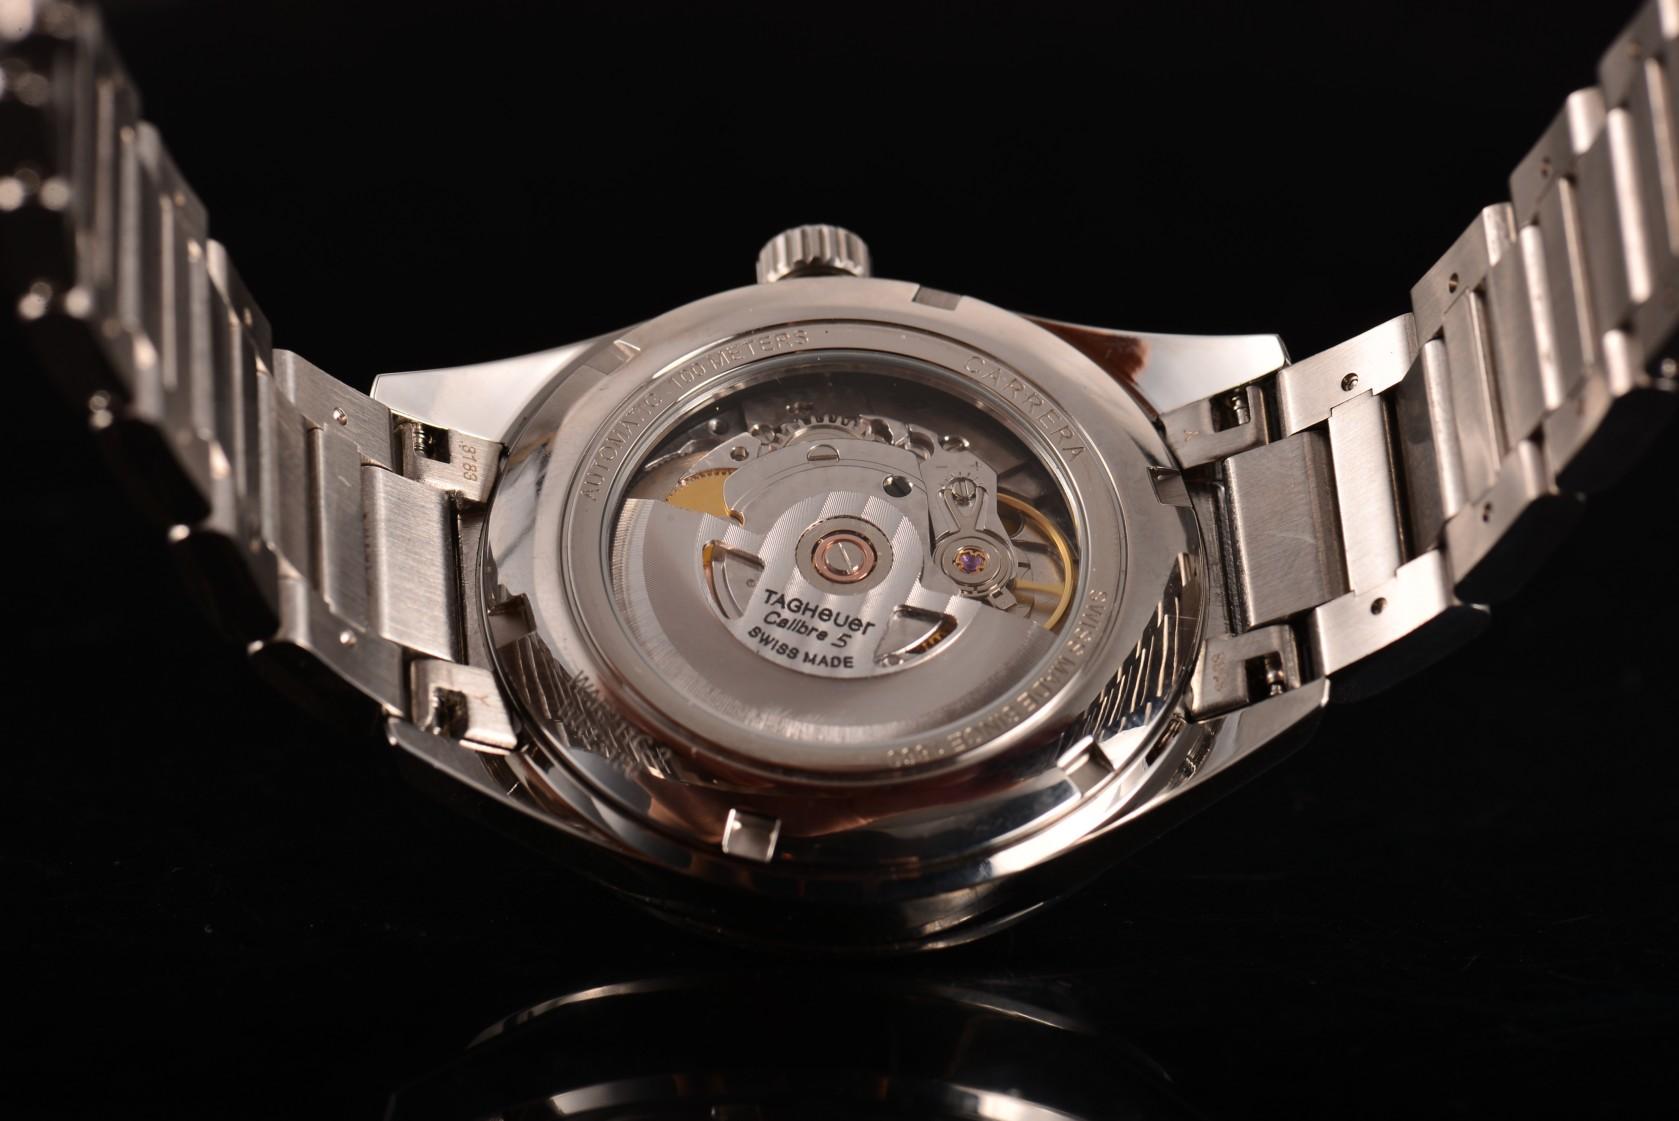 80699e835d Quality Tag Heuer Carrera Calibre 5 Automatic Replica Review ...